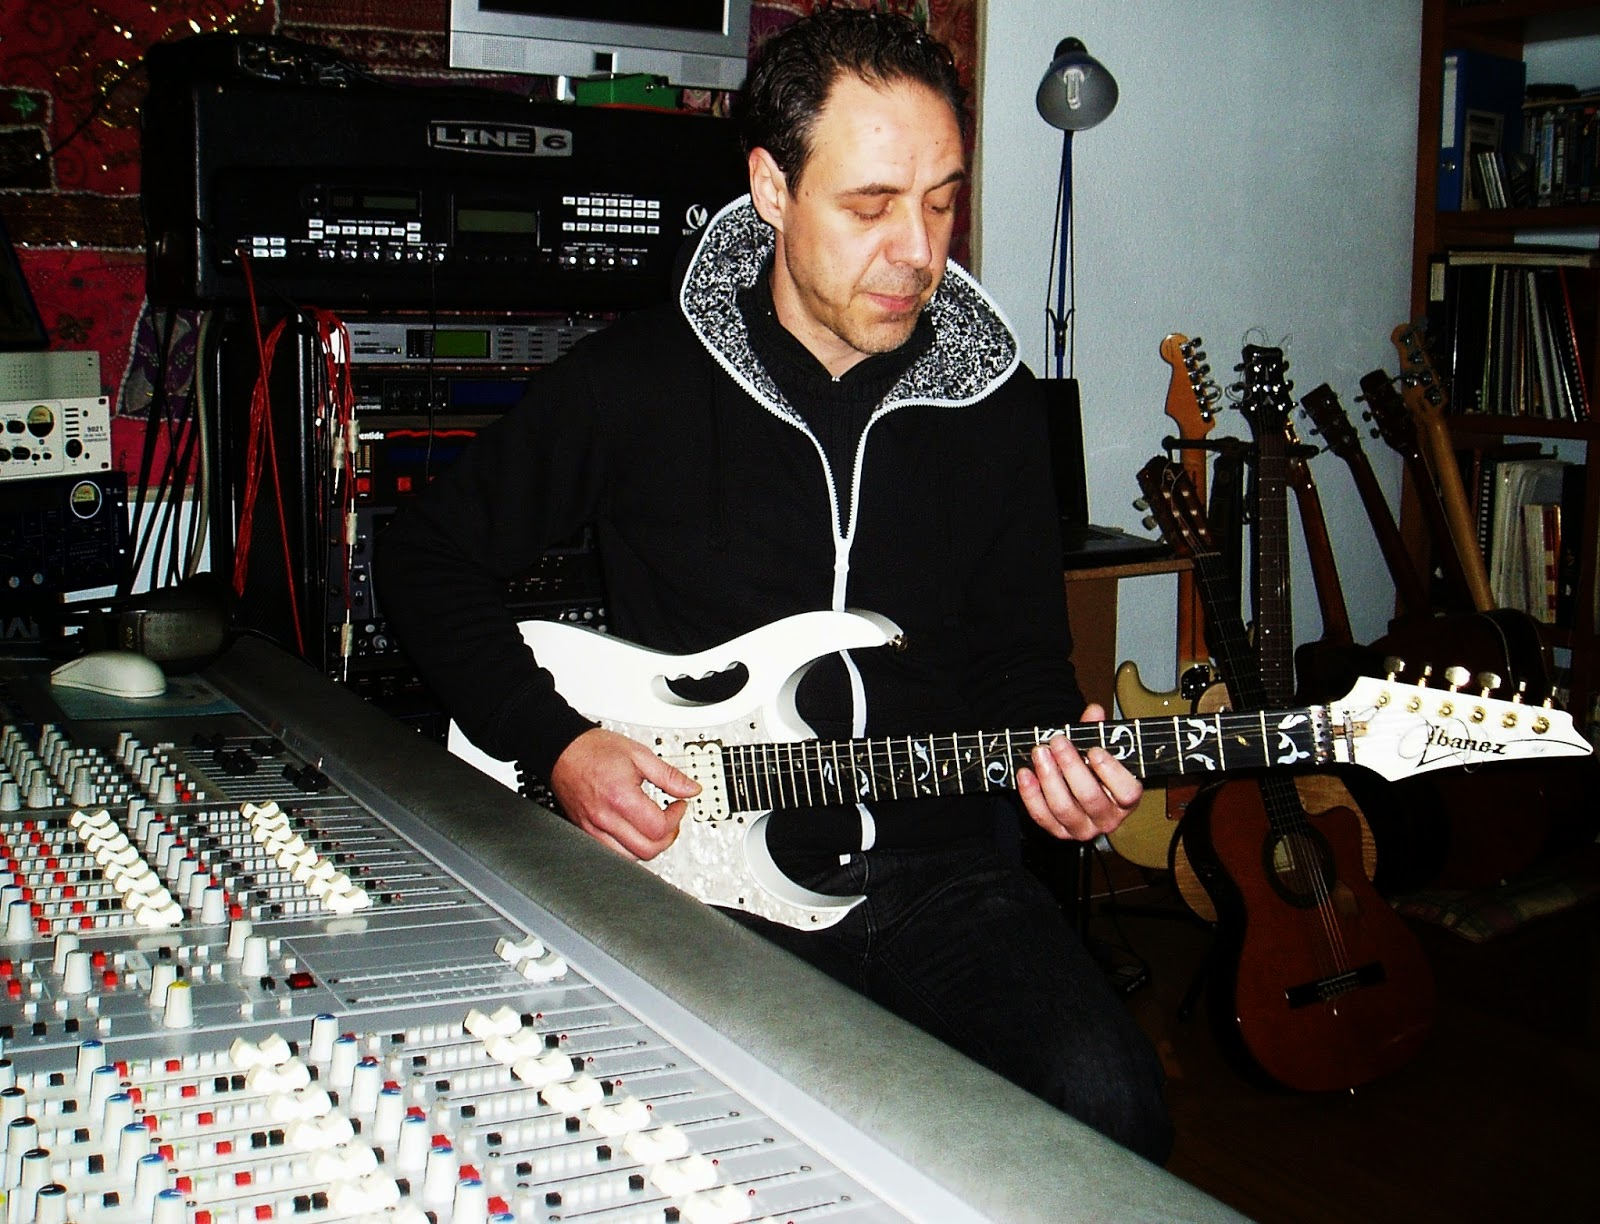 José Luis Prieto Diéguez